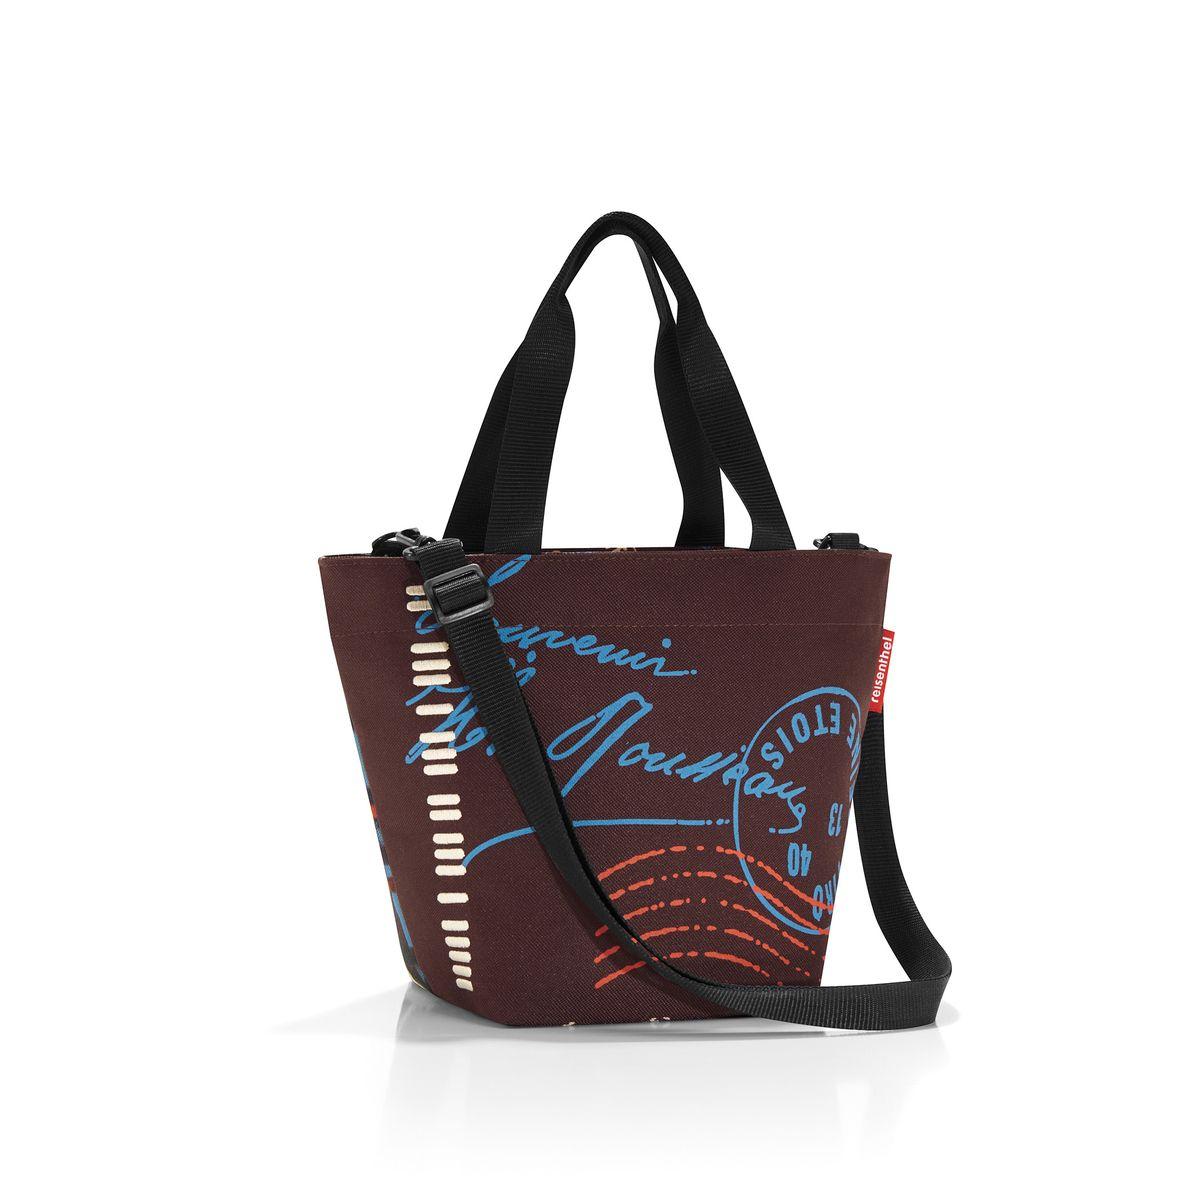 Сумка женская Reisenthel, цвет: коричневый, красный, голубой. ZR7037ZR7037Женская сумка Reisenthel изготовлена из полиэстера с оригинальным принтом. Сумка имеет одно отделение, которое закрывается на застежку-молнию. Внутри имеется нашивной карман на застежке-молнии. Изделие оснащено двумя текстильными ручками. В комплект входит съемный плечевой ремень. Такая сумка станет незаменимой в повседневной жизни.